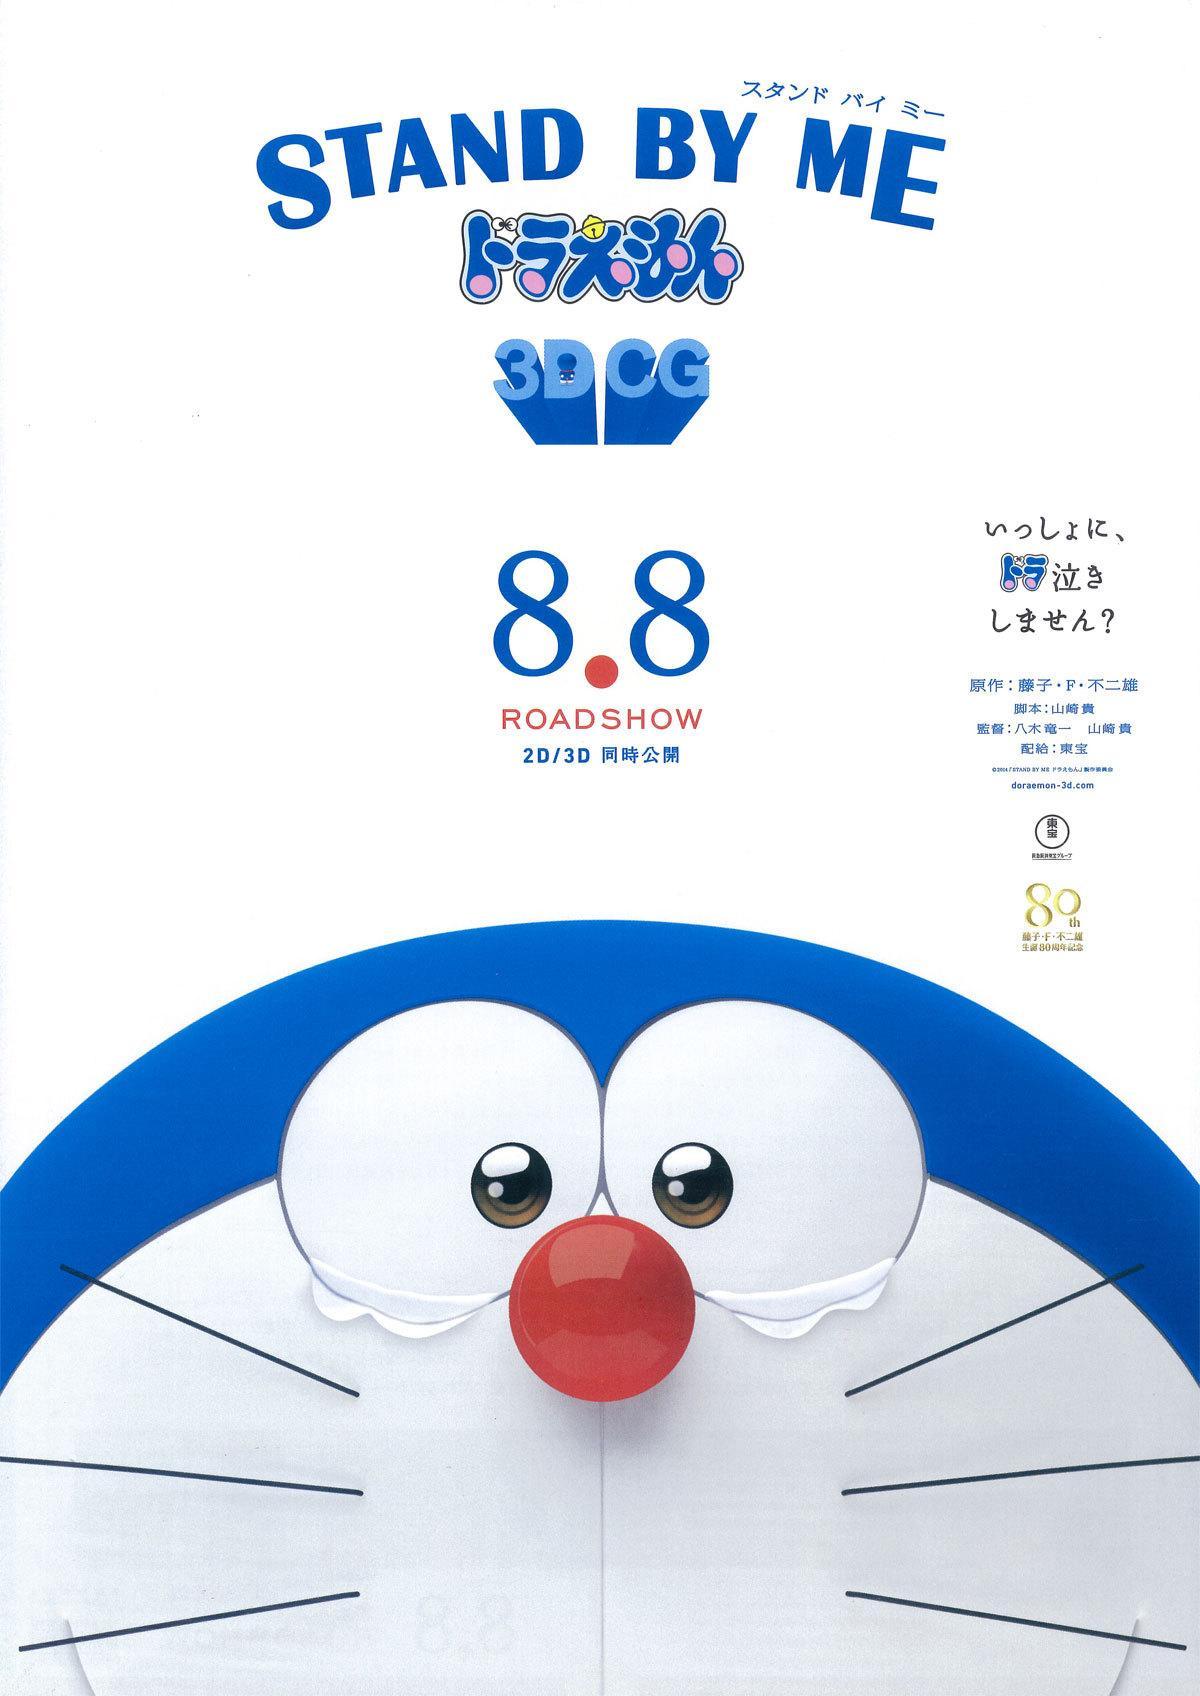 哆啦A梦:伴我同行 1080p (2014)百度云迅雷下载